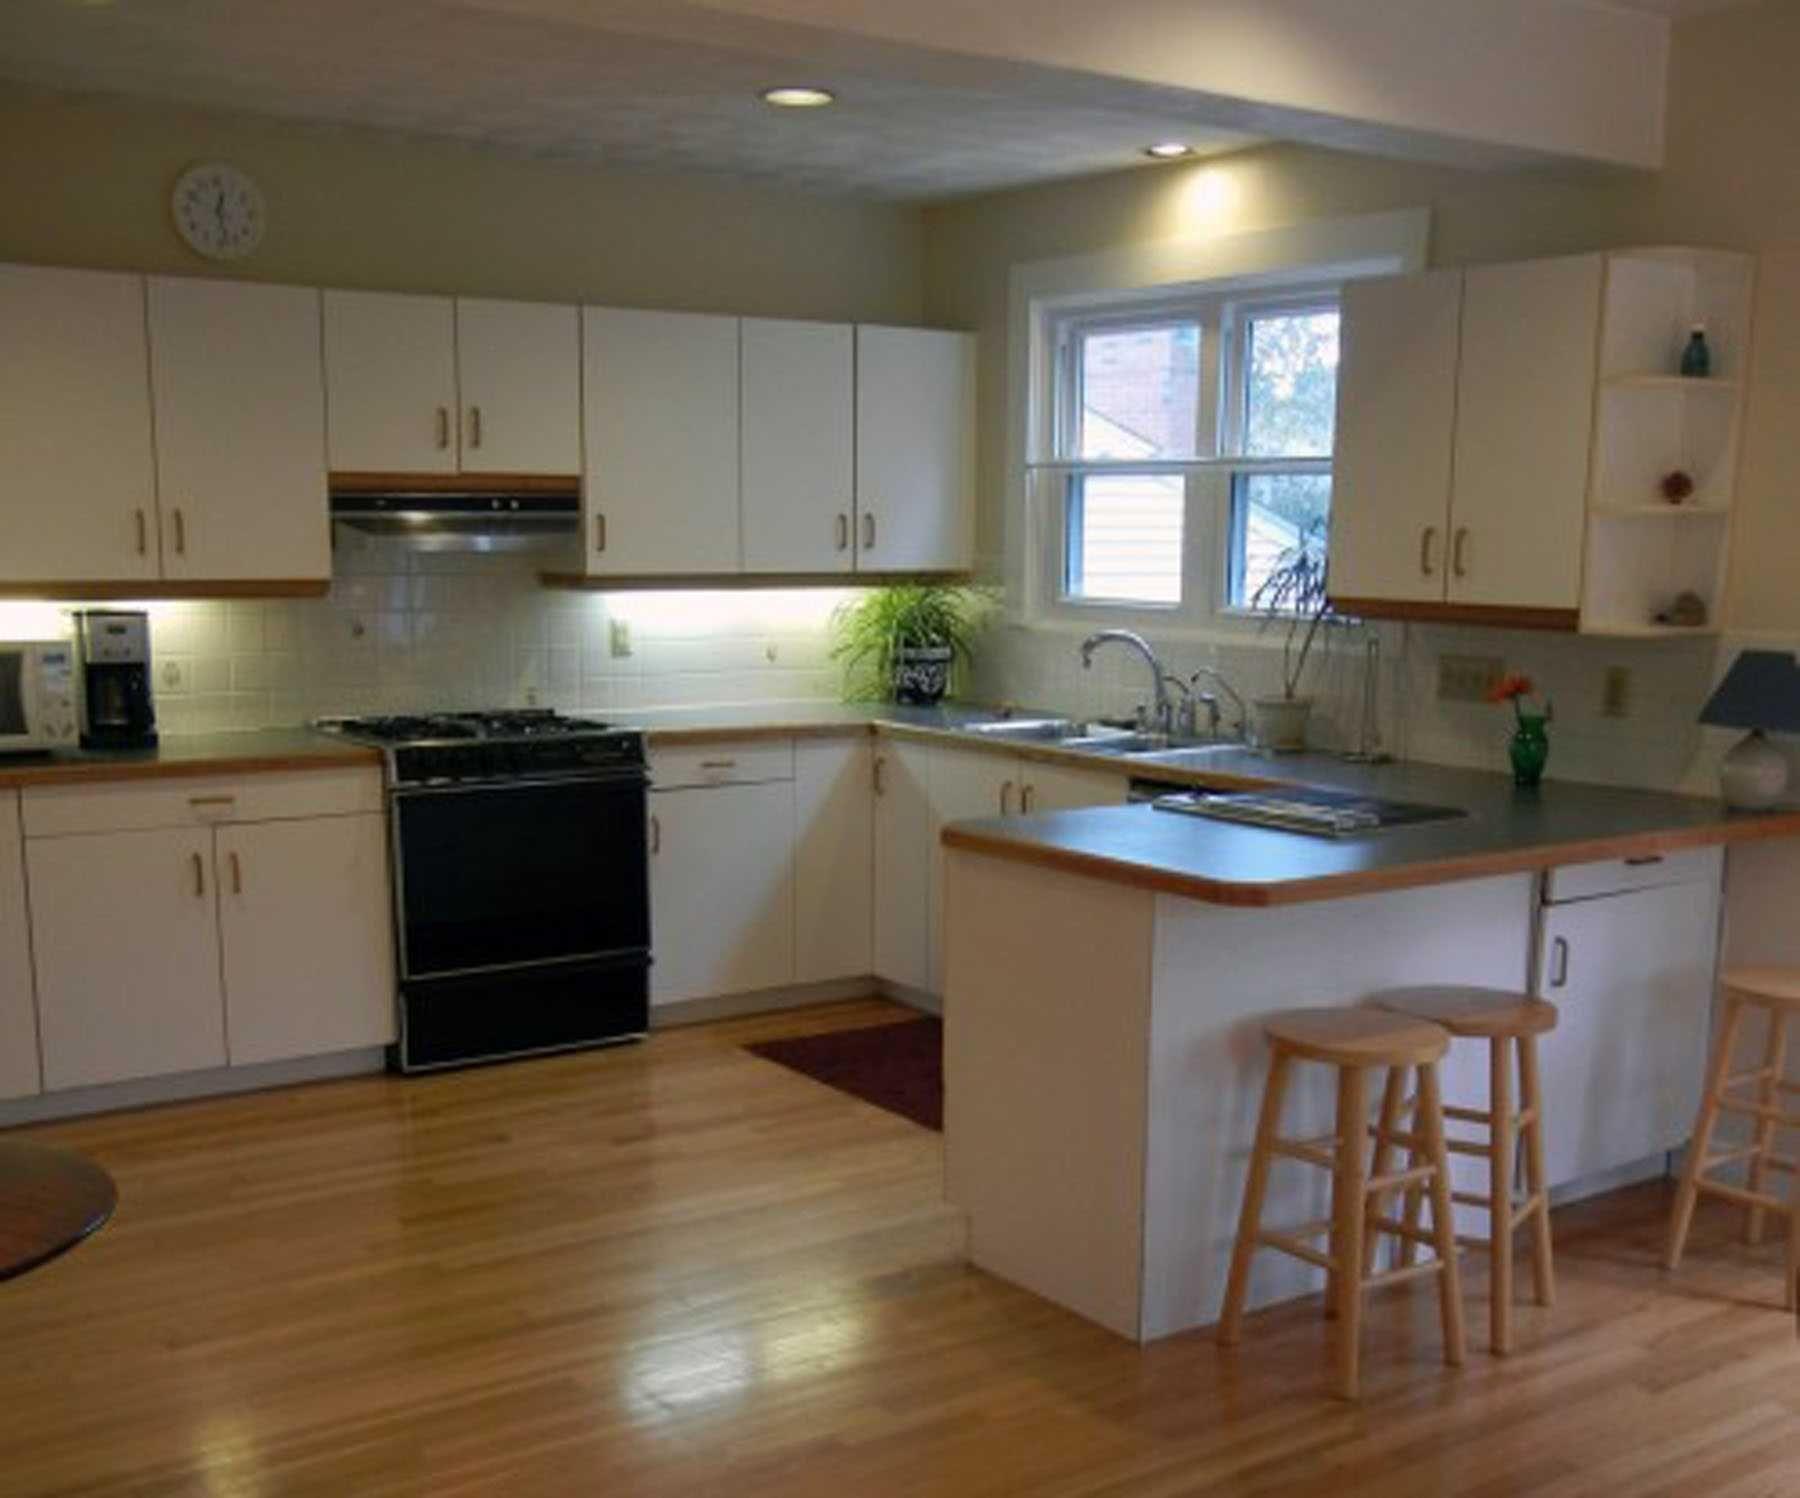 Admirable Inexpensive Modern Kitchen Cabinets Kitchen Design Ideas Download Free Architecture Designs Scobabritishbridgeorg